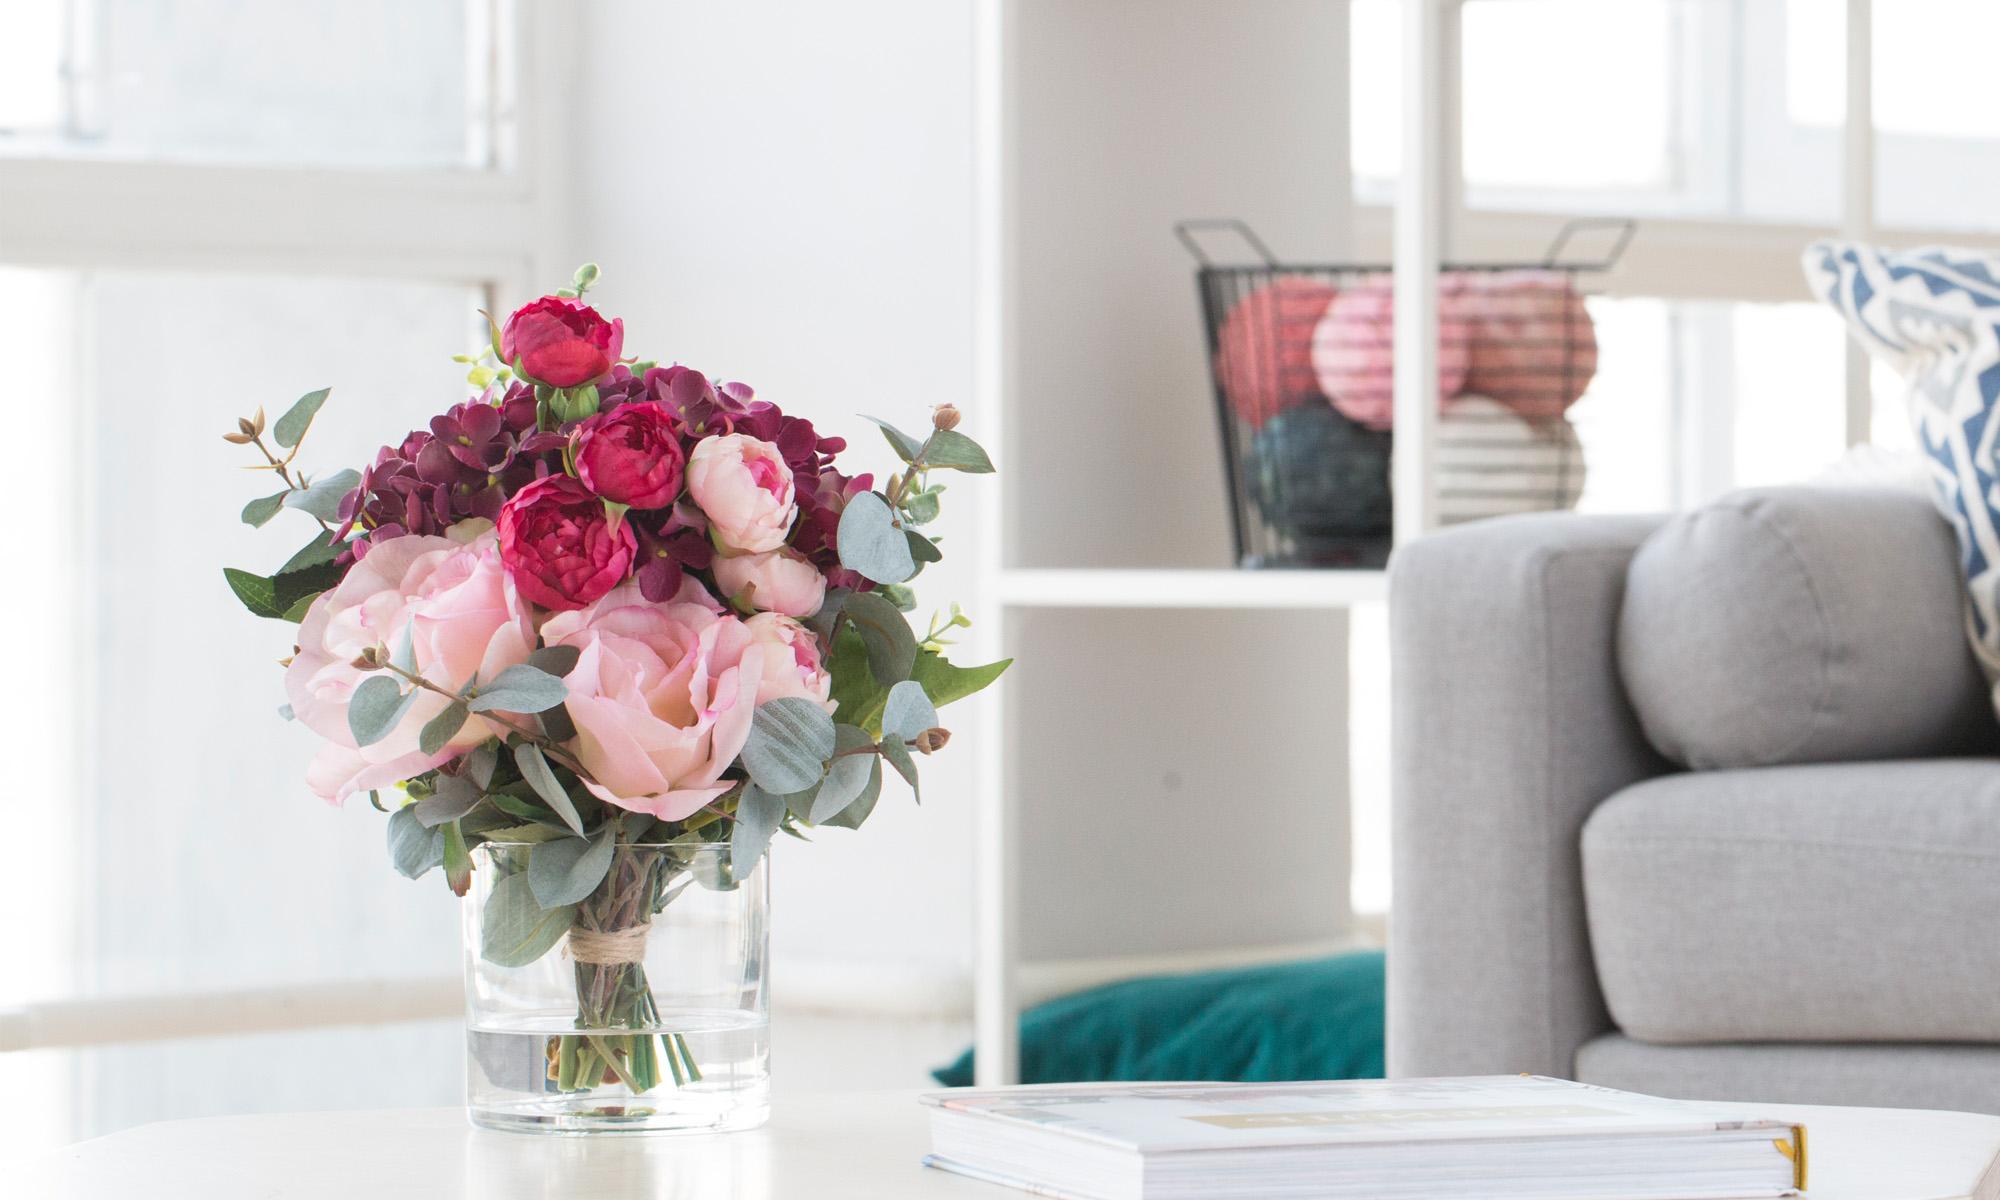 Купить Композиция из искусственных цветов - гортензия бургундия, розы, эвкалипт, inmyroom, Россия